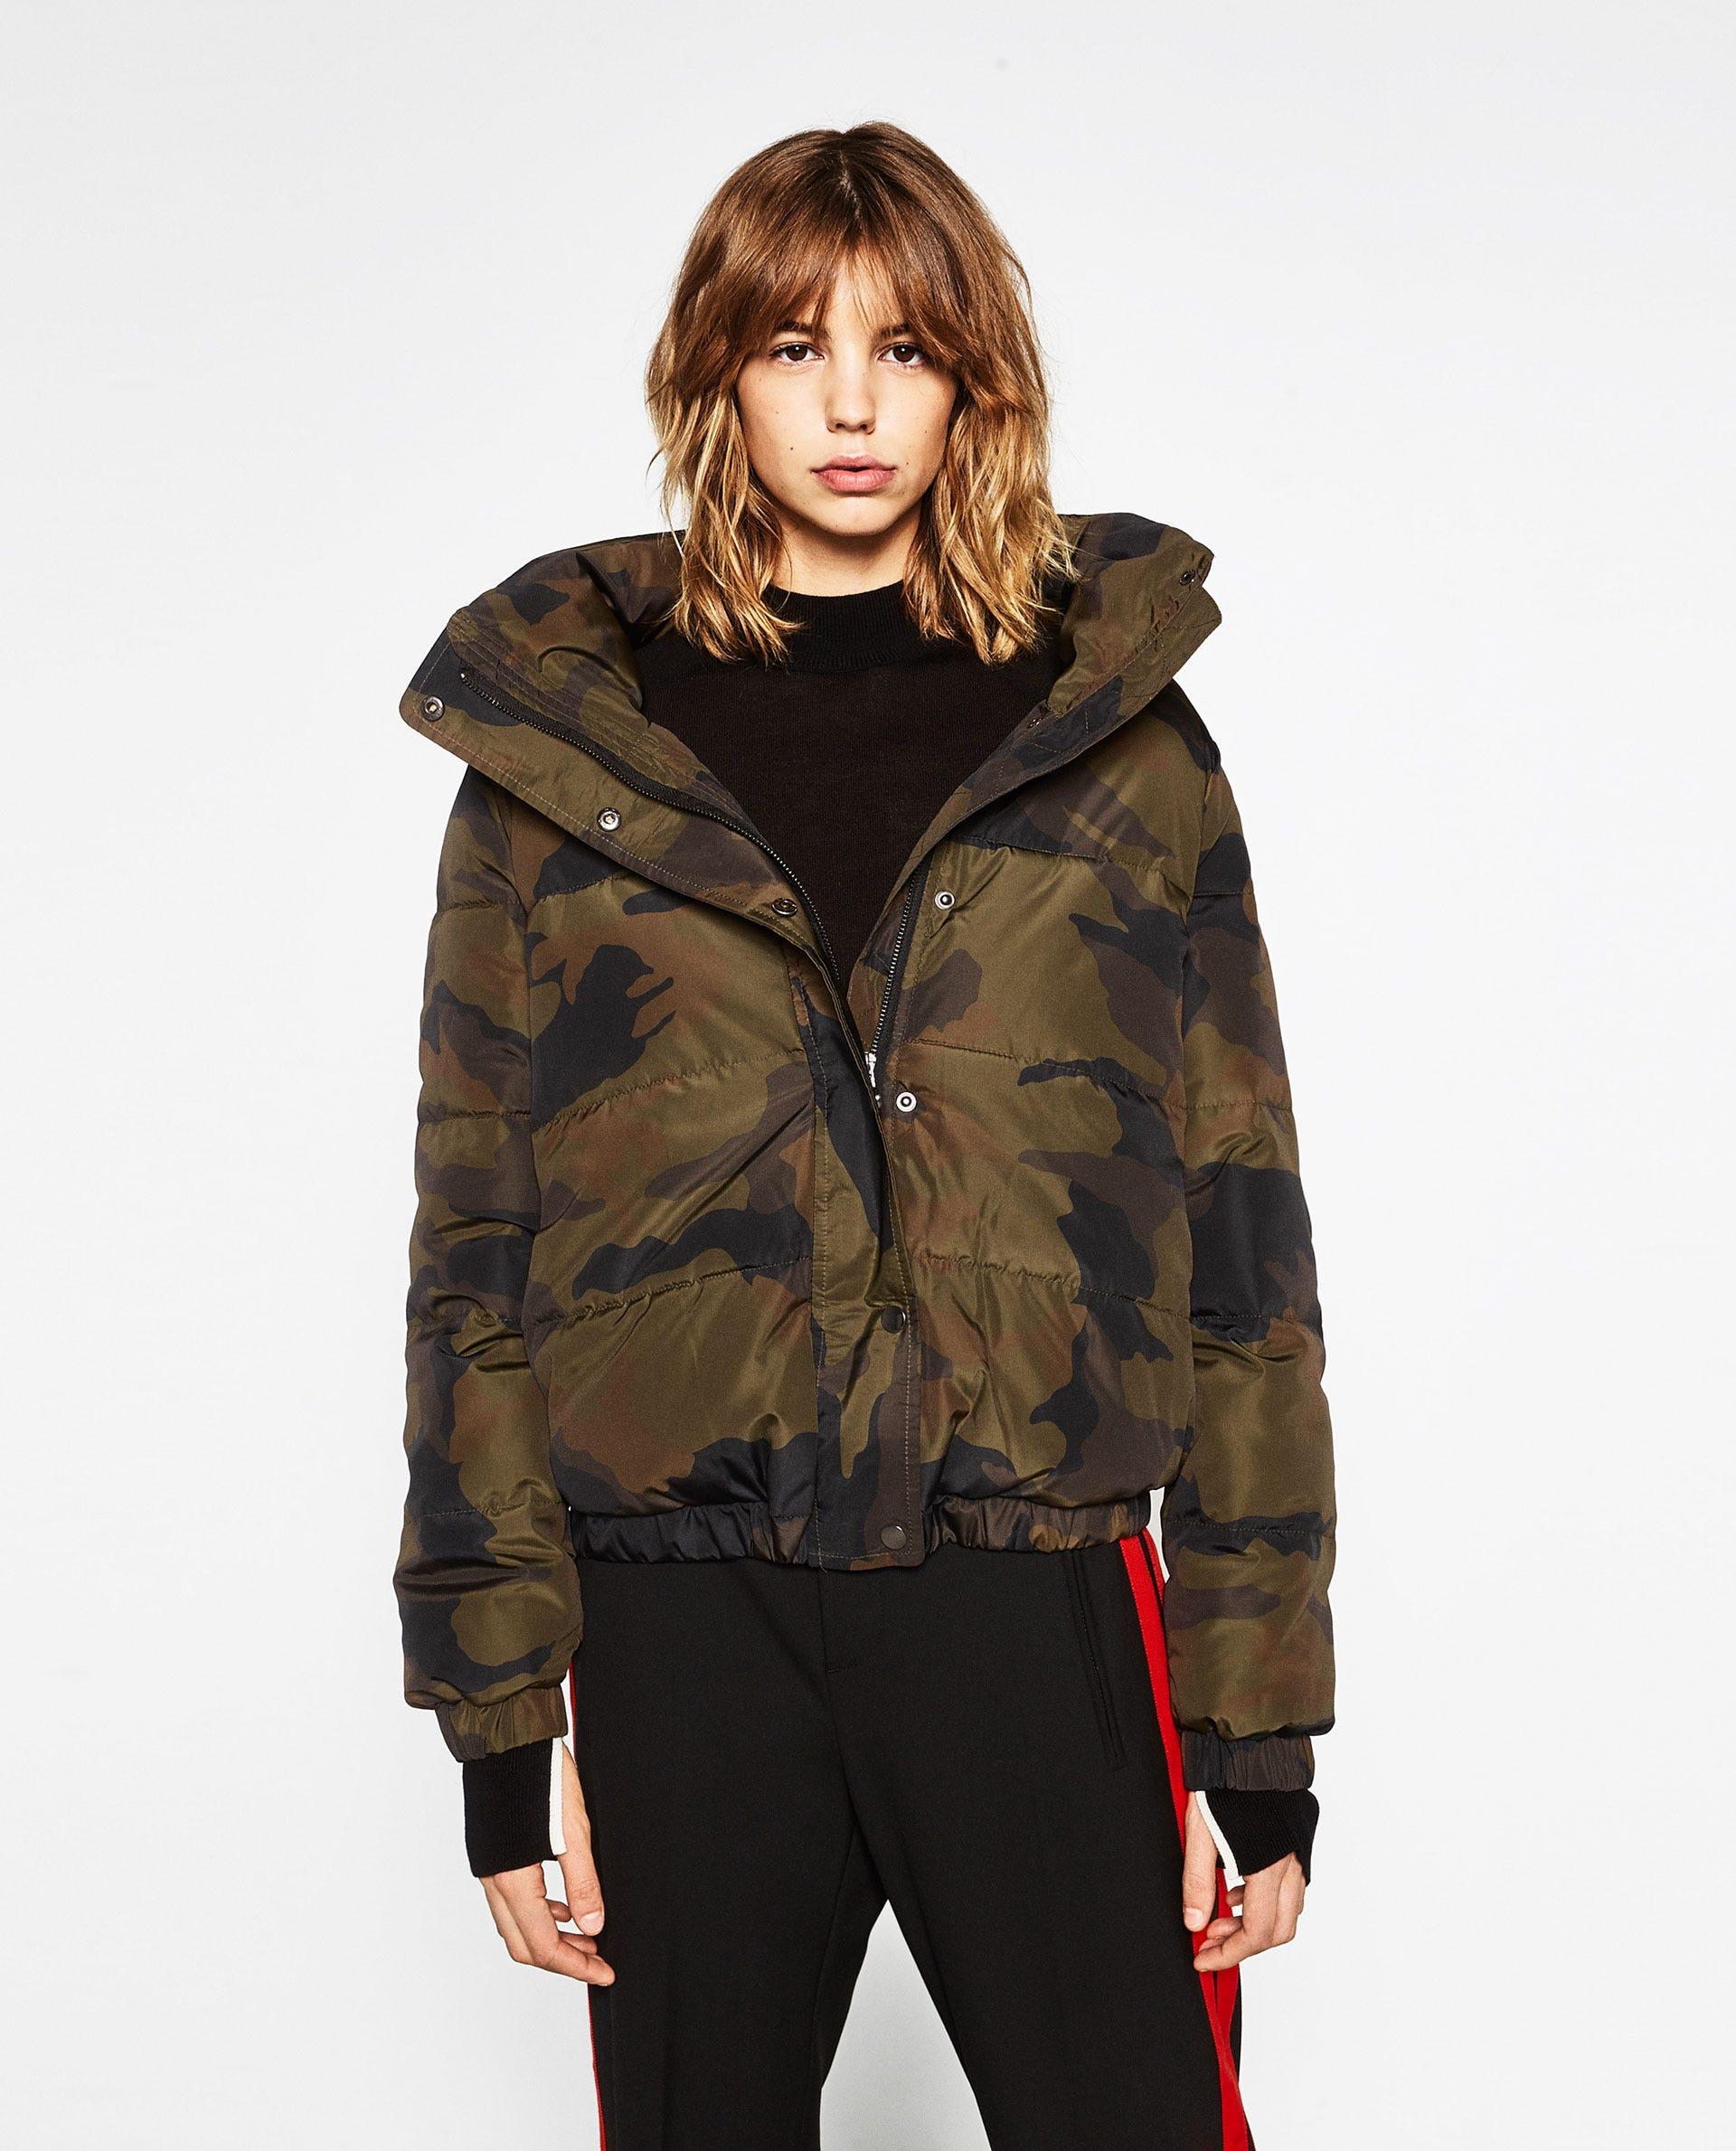 e6605edd ... Best Down Puffer Jackets For Women, Cute Winter Coats ...